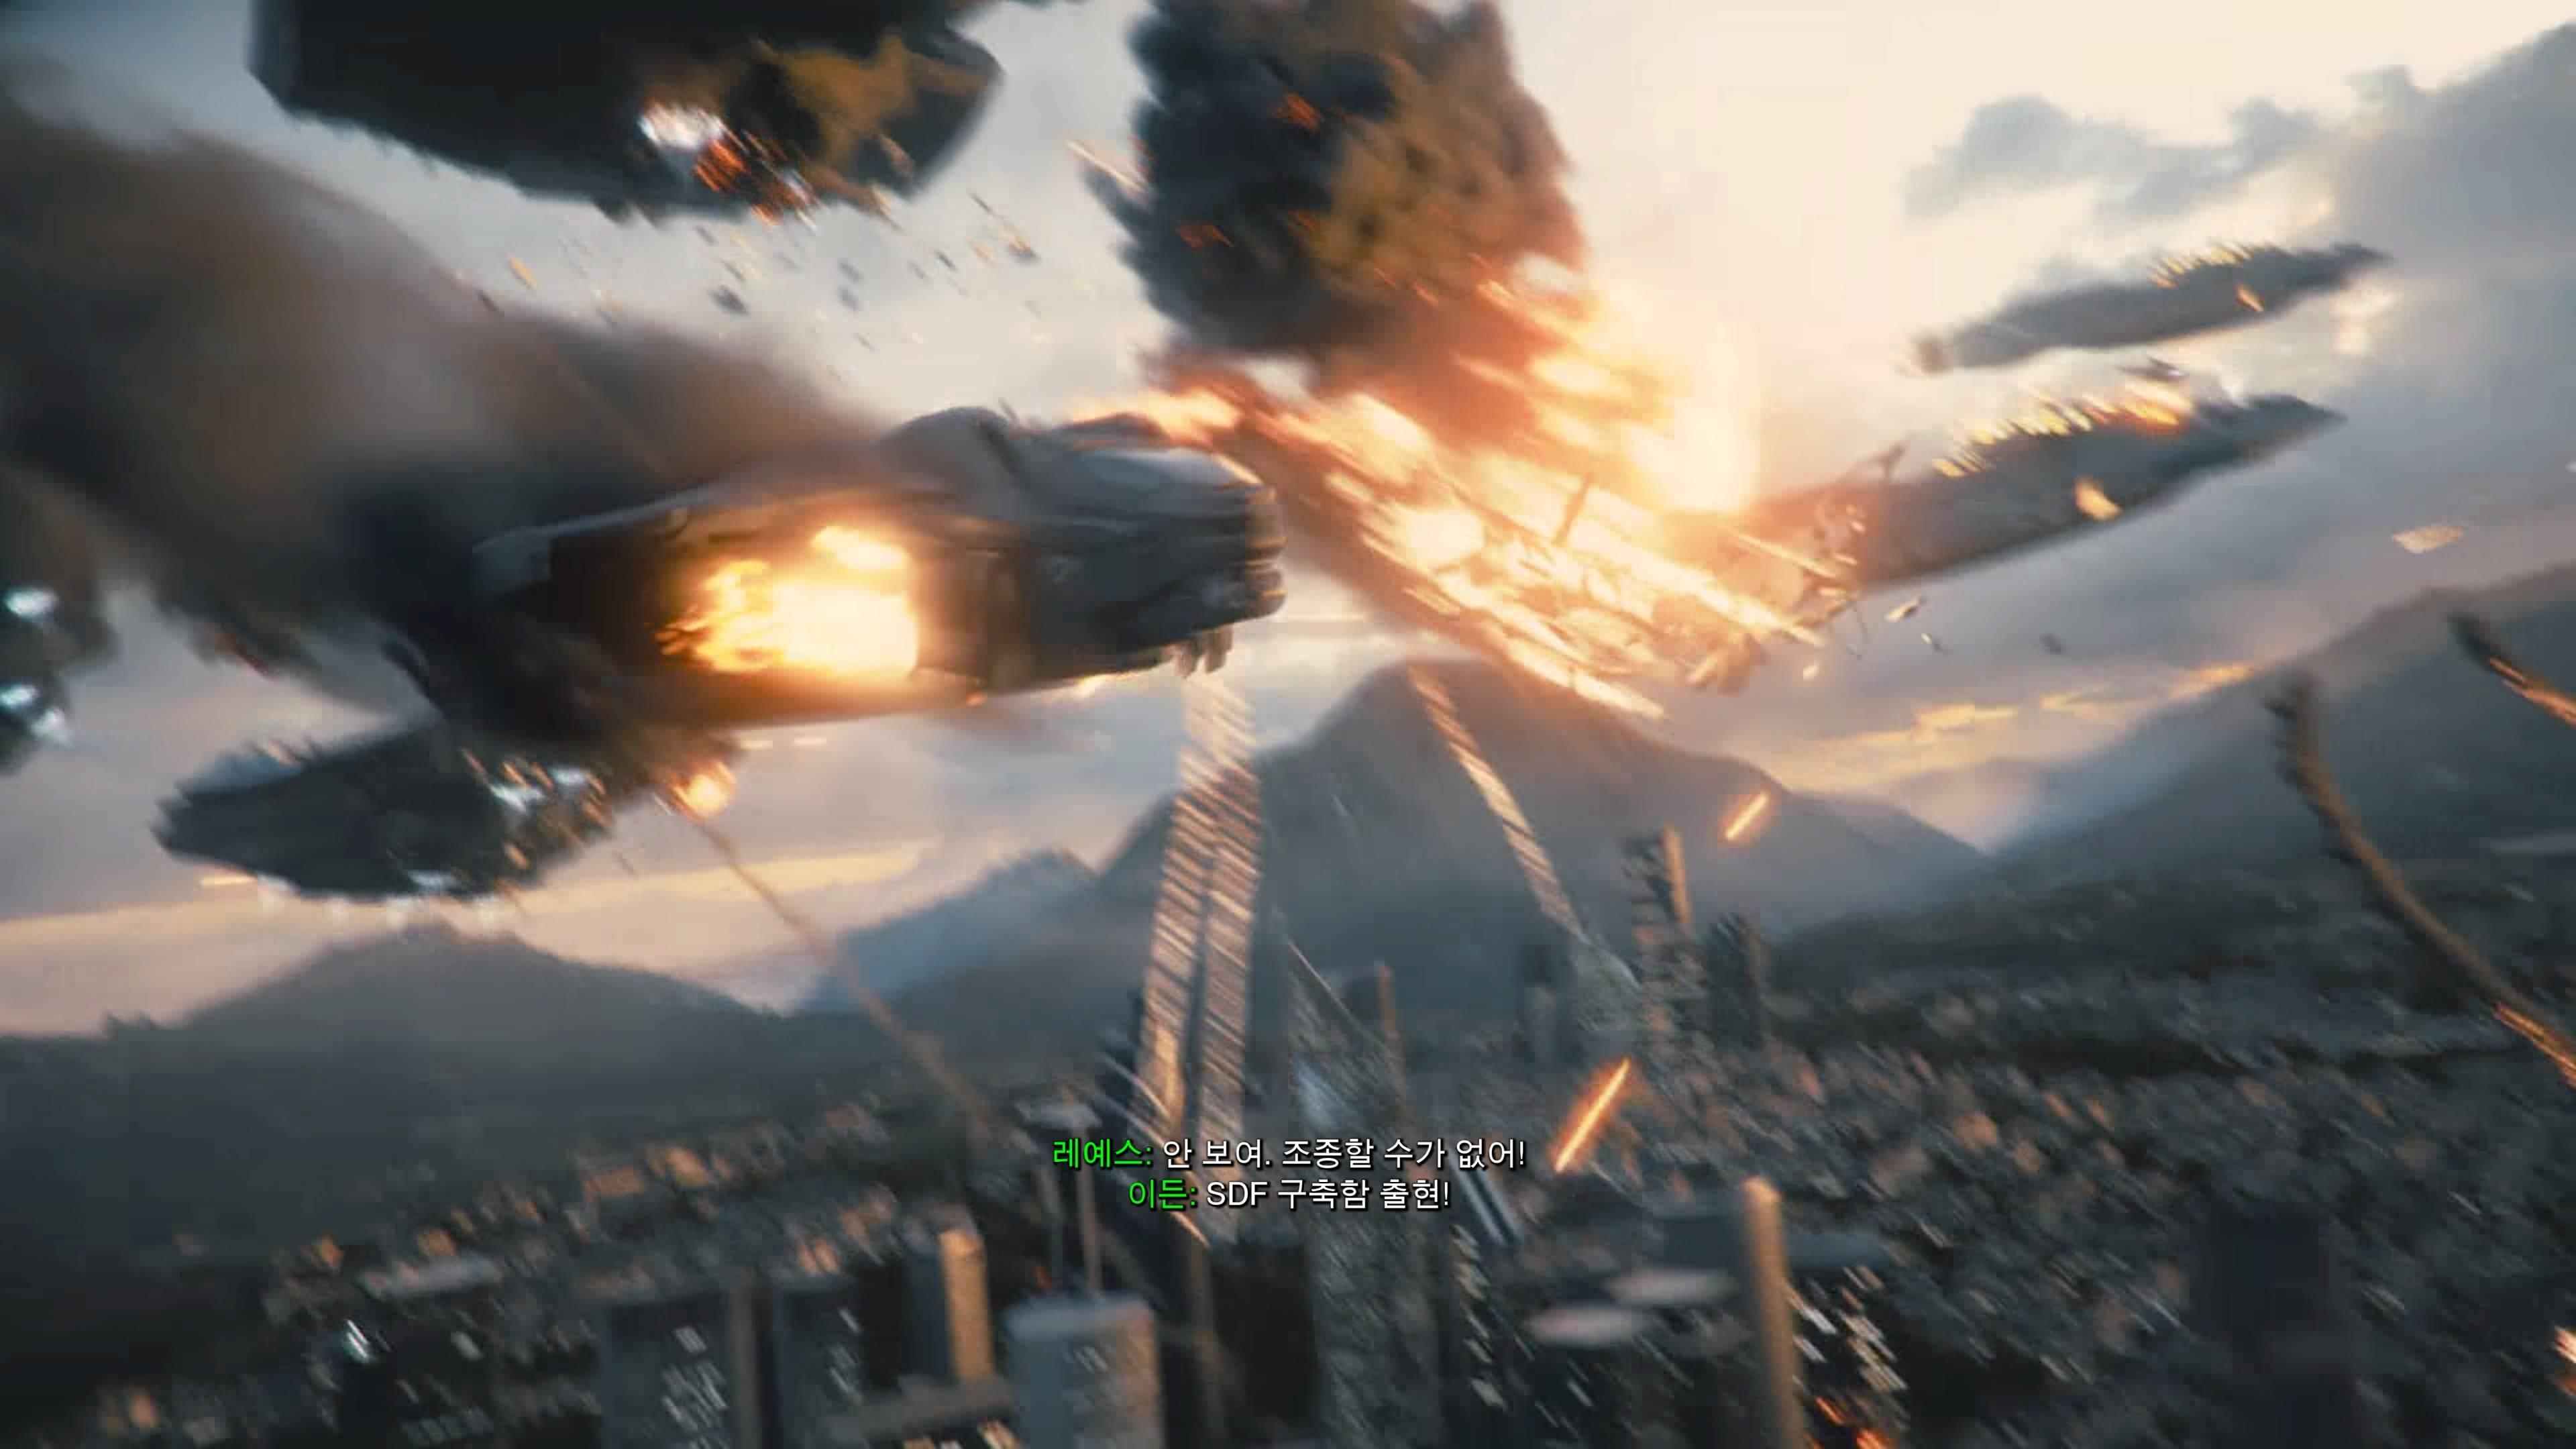 수정됨_Call of Duty®_ Infinite Warfare_20180911103521.jpg